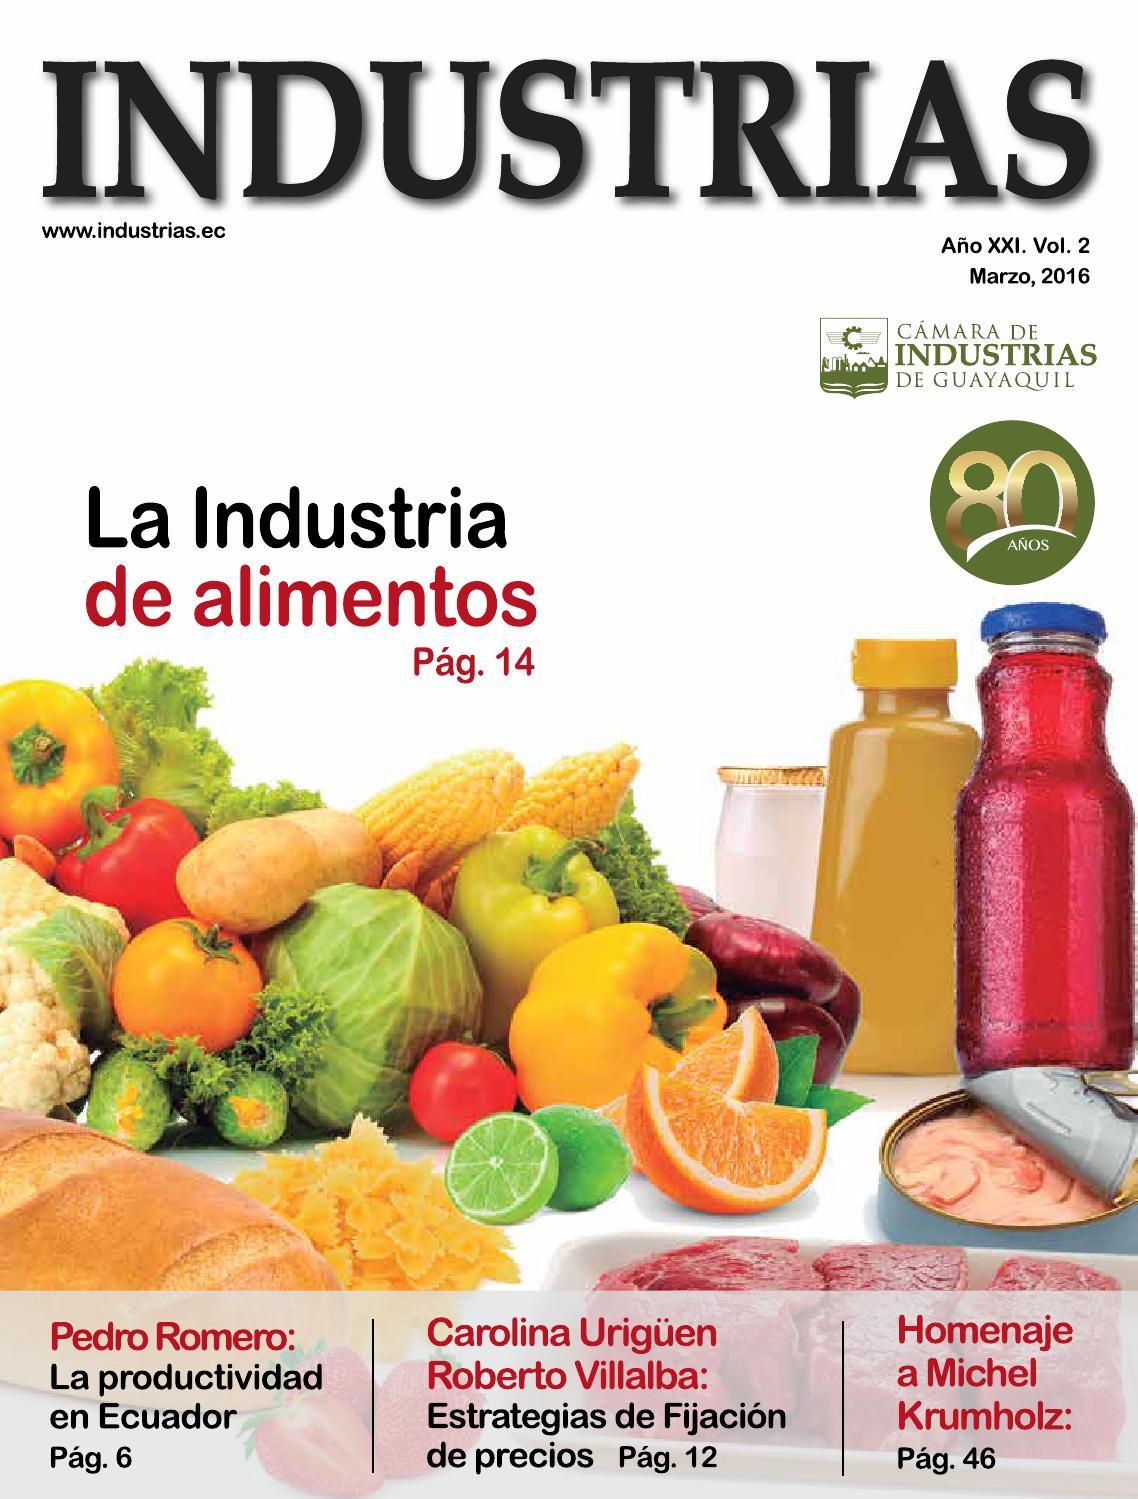 revista industrias marzo 2016 by c225mara de industrias de